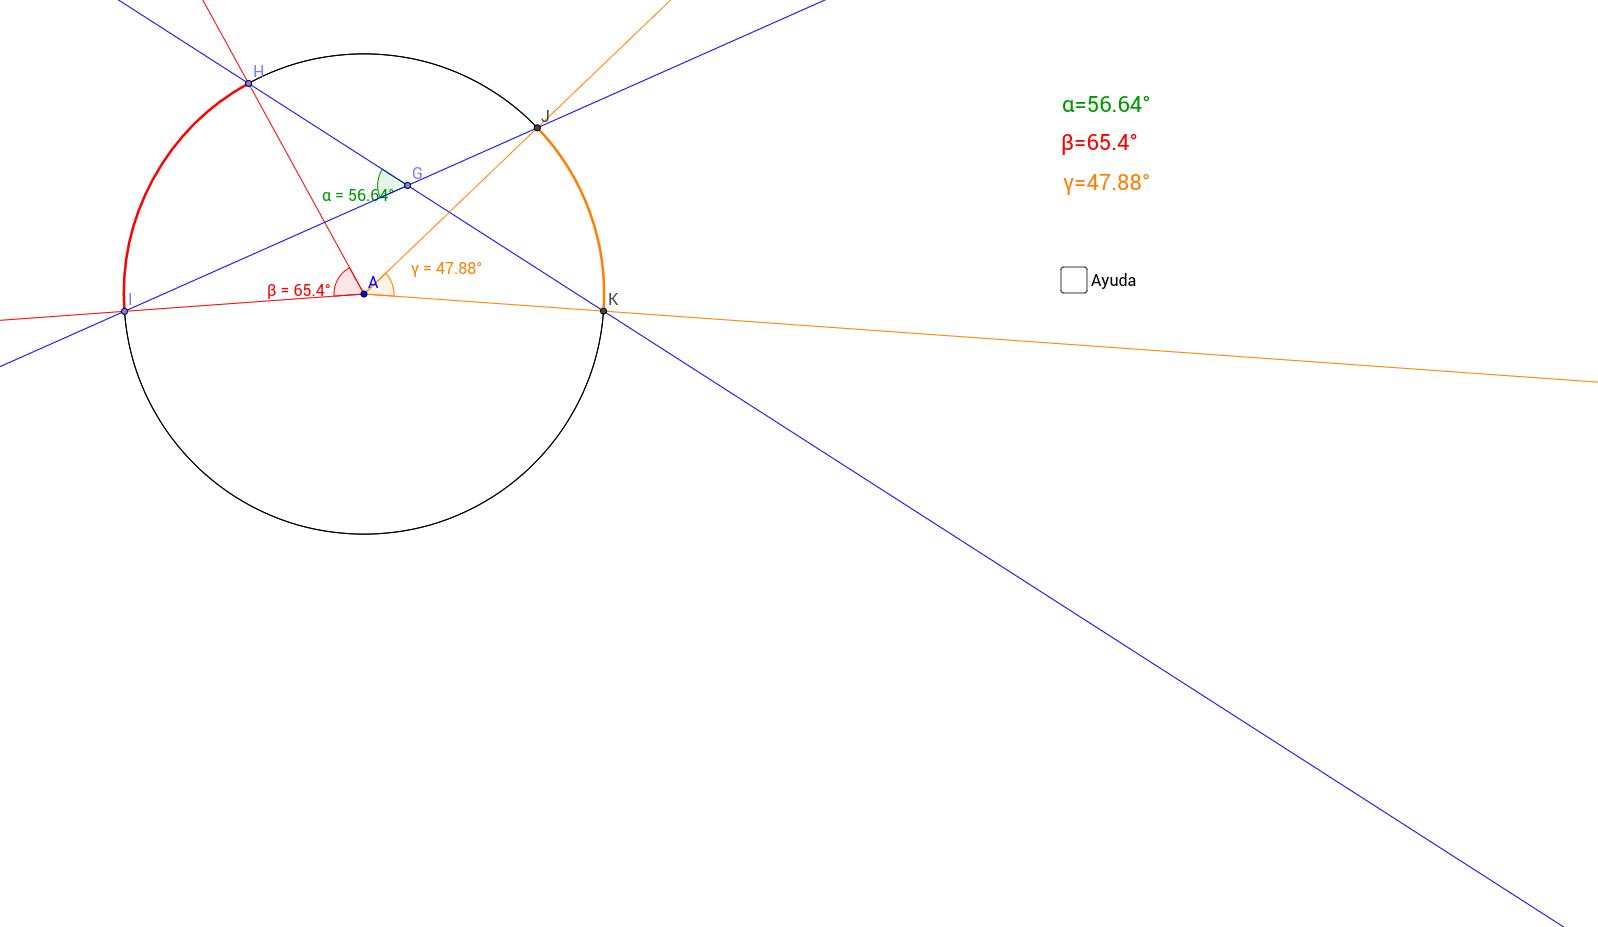 DIMAVA_Ángulo interior en circunferencia y relación angular